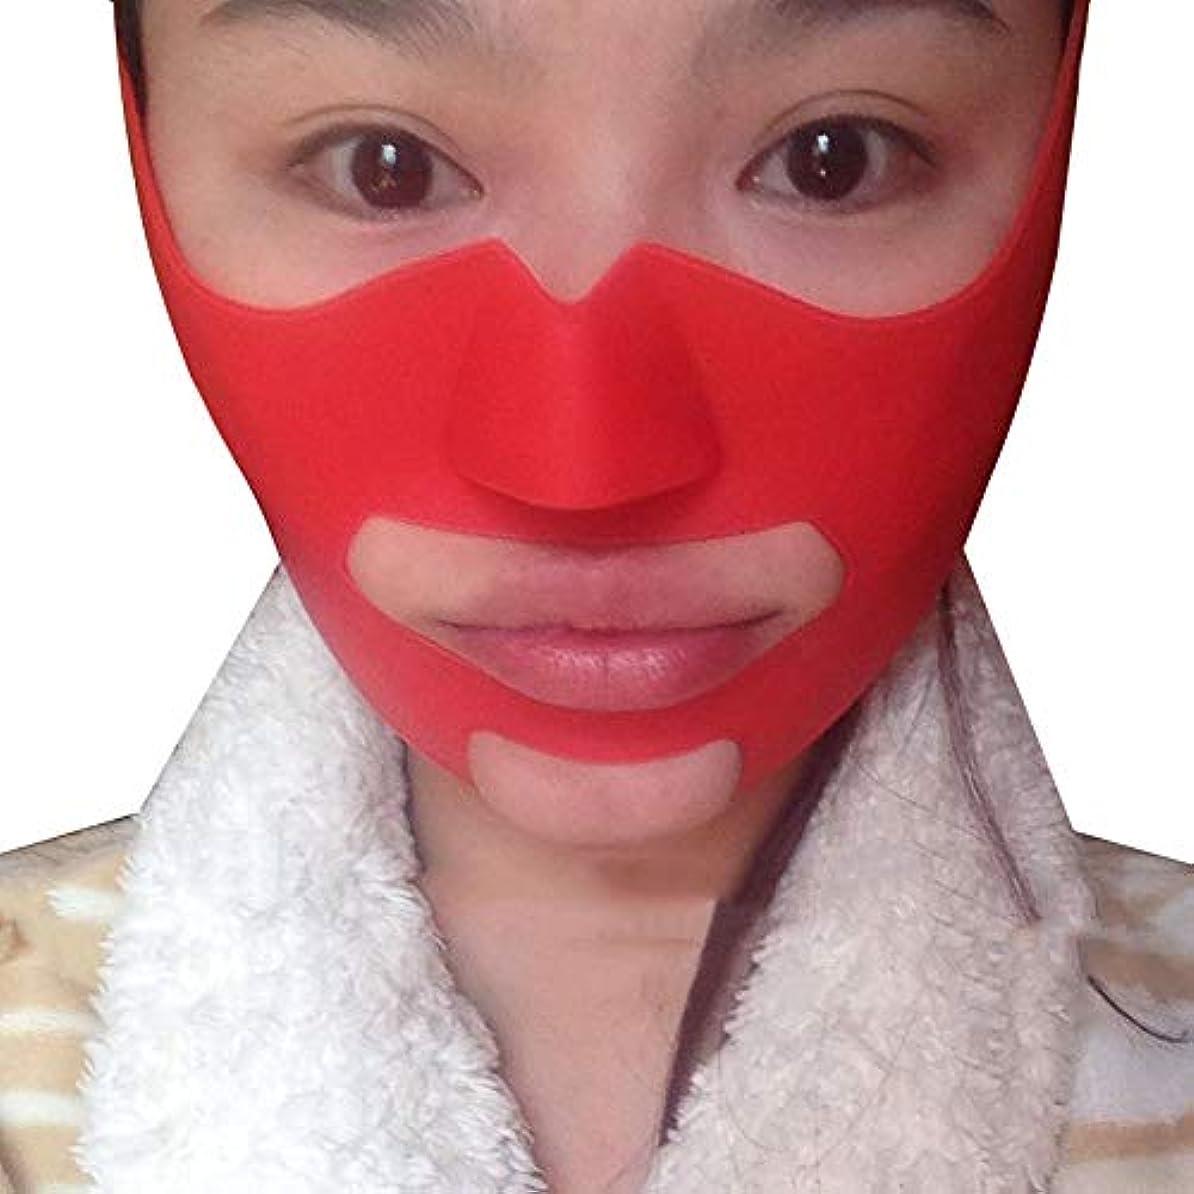 登録する小学生説教スモールV顔アーティファクト、法柄細身の顔面絆創膏/(赤)